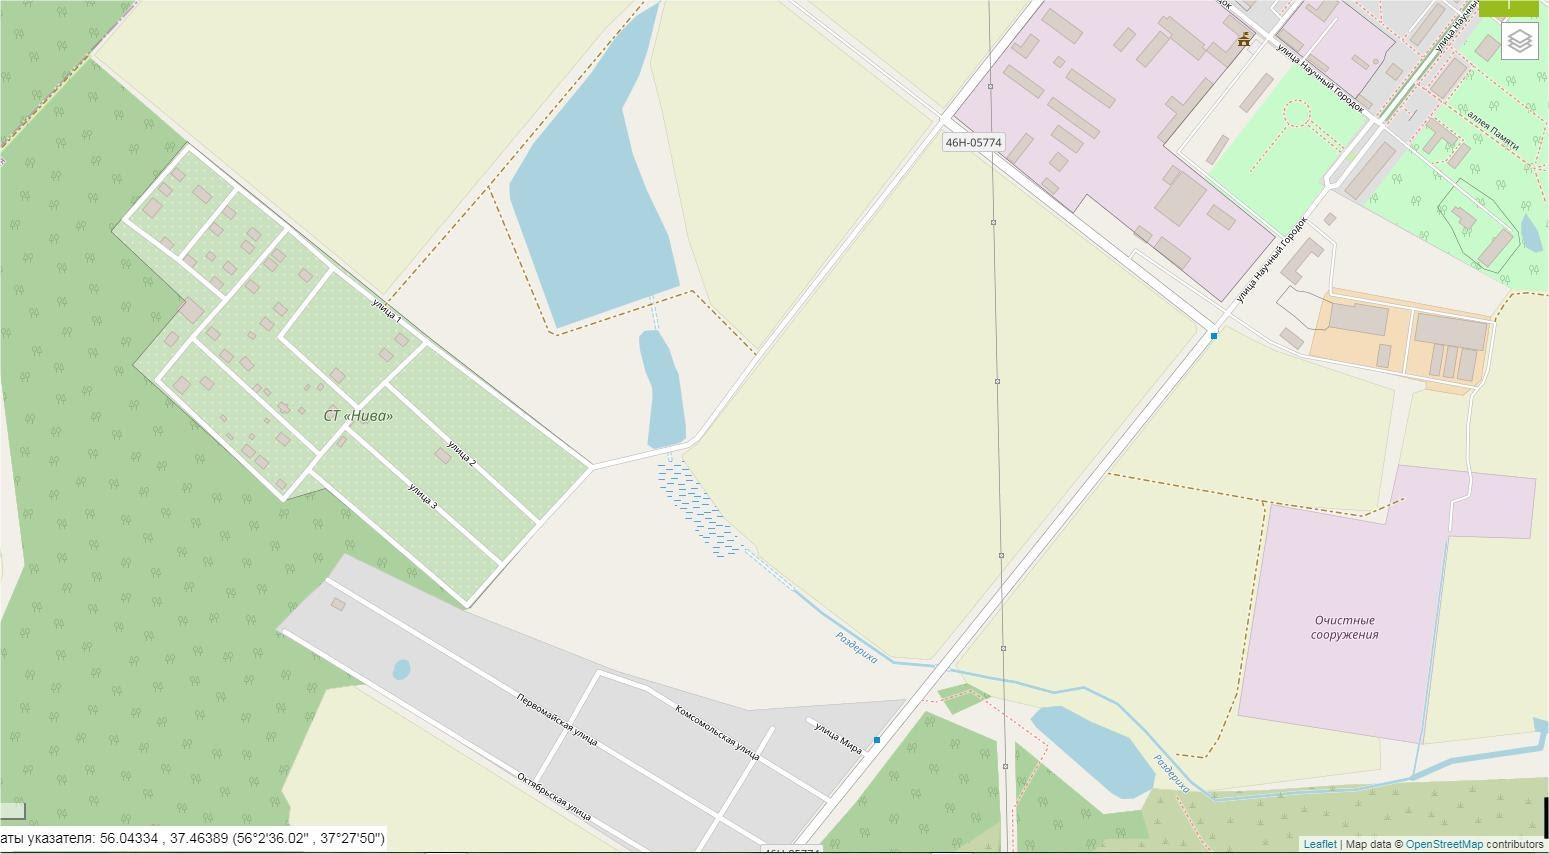 Карта-Раздериха-OSM-спутник - Современное состояние OpenStreetMap - увеличено